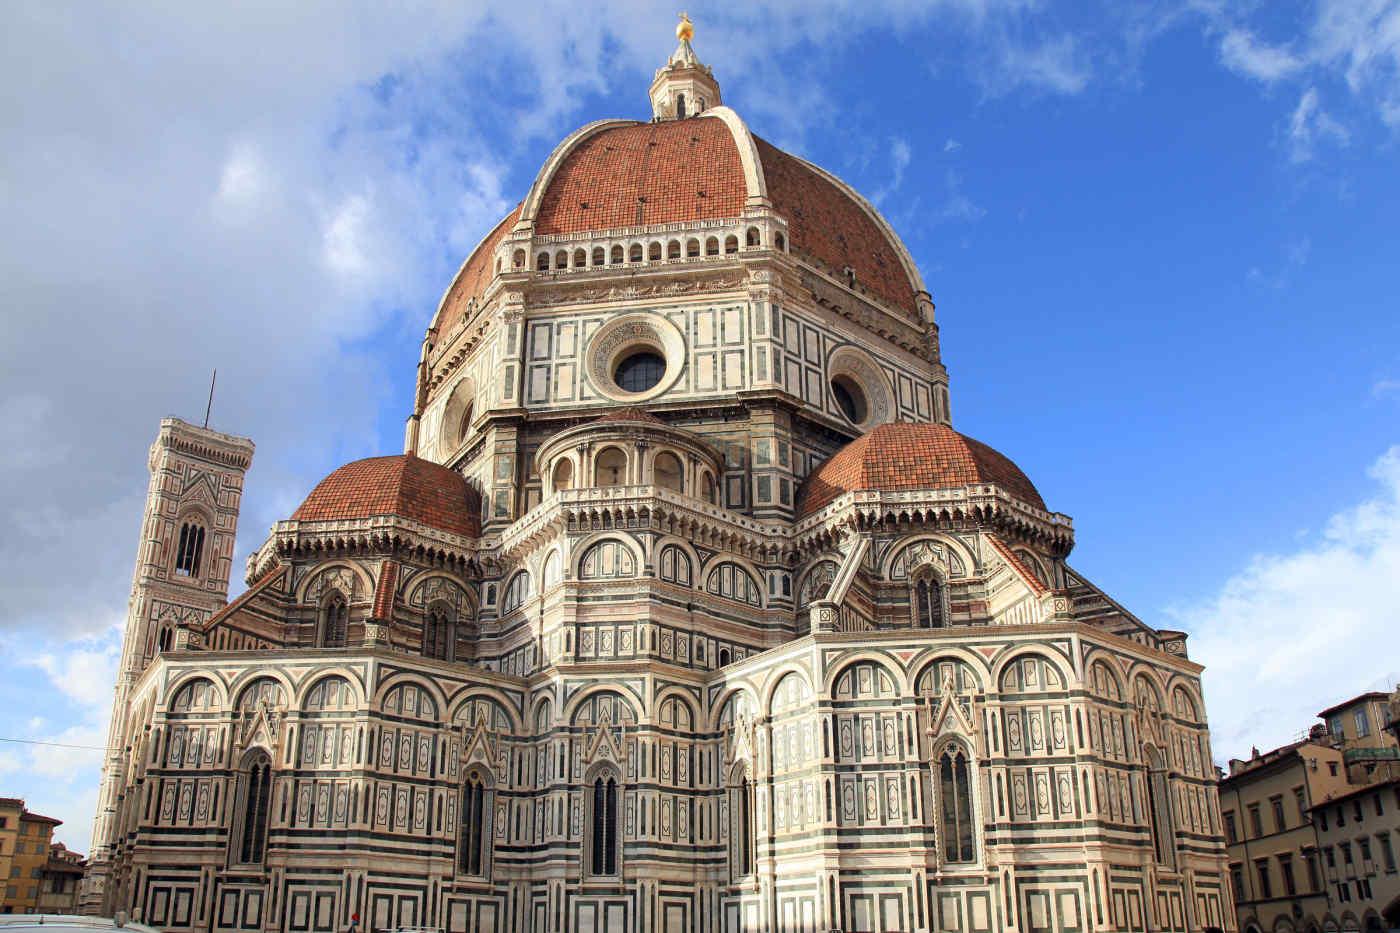 Cattedrale di Santa Maria del Fiore (il Duomo)